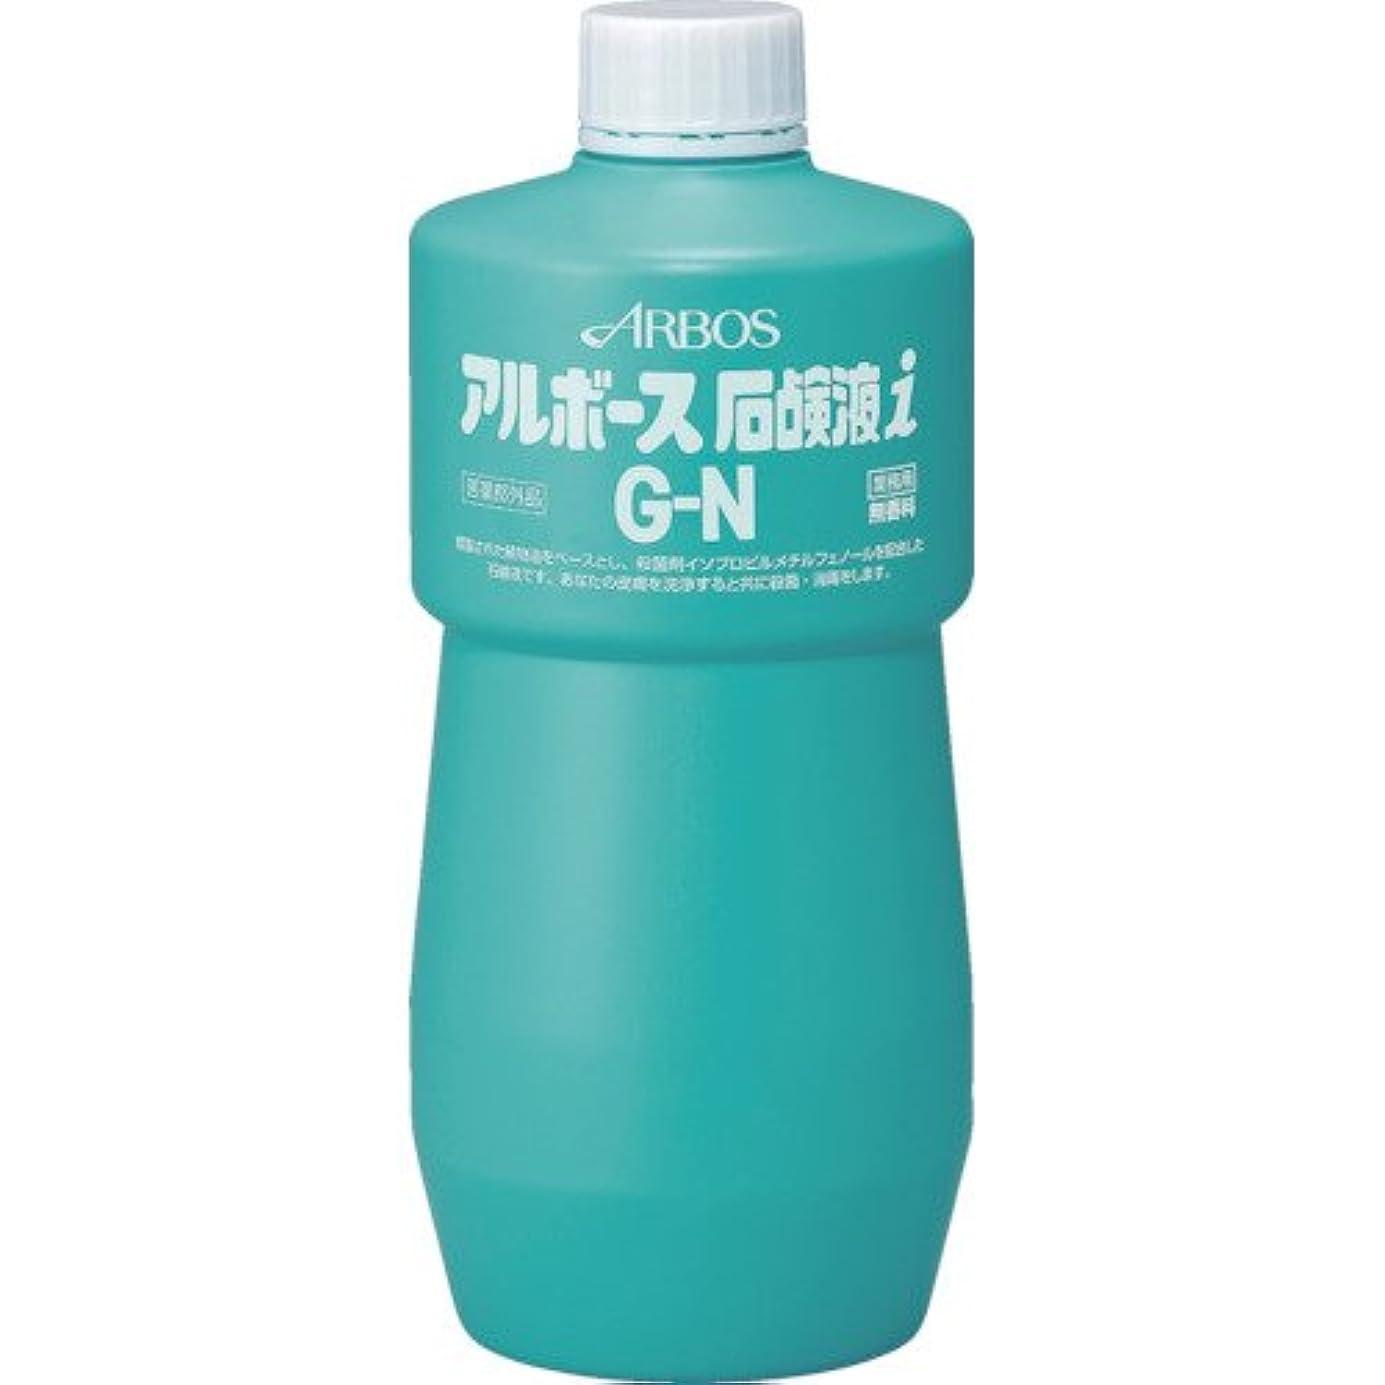 アルボース石鹸液iGN 1G [医薬部外品]